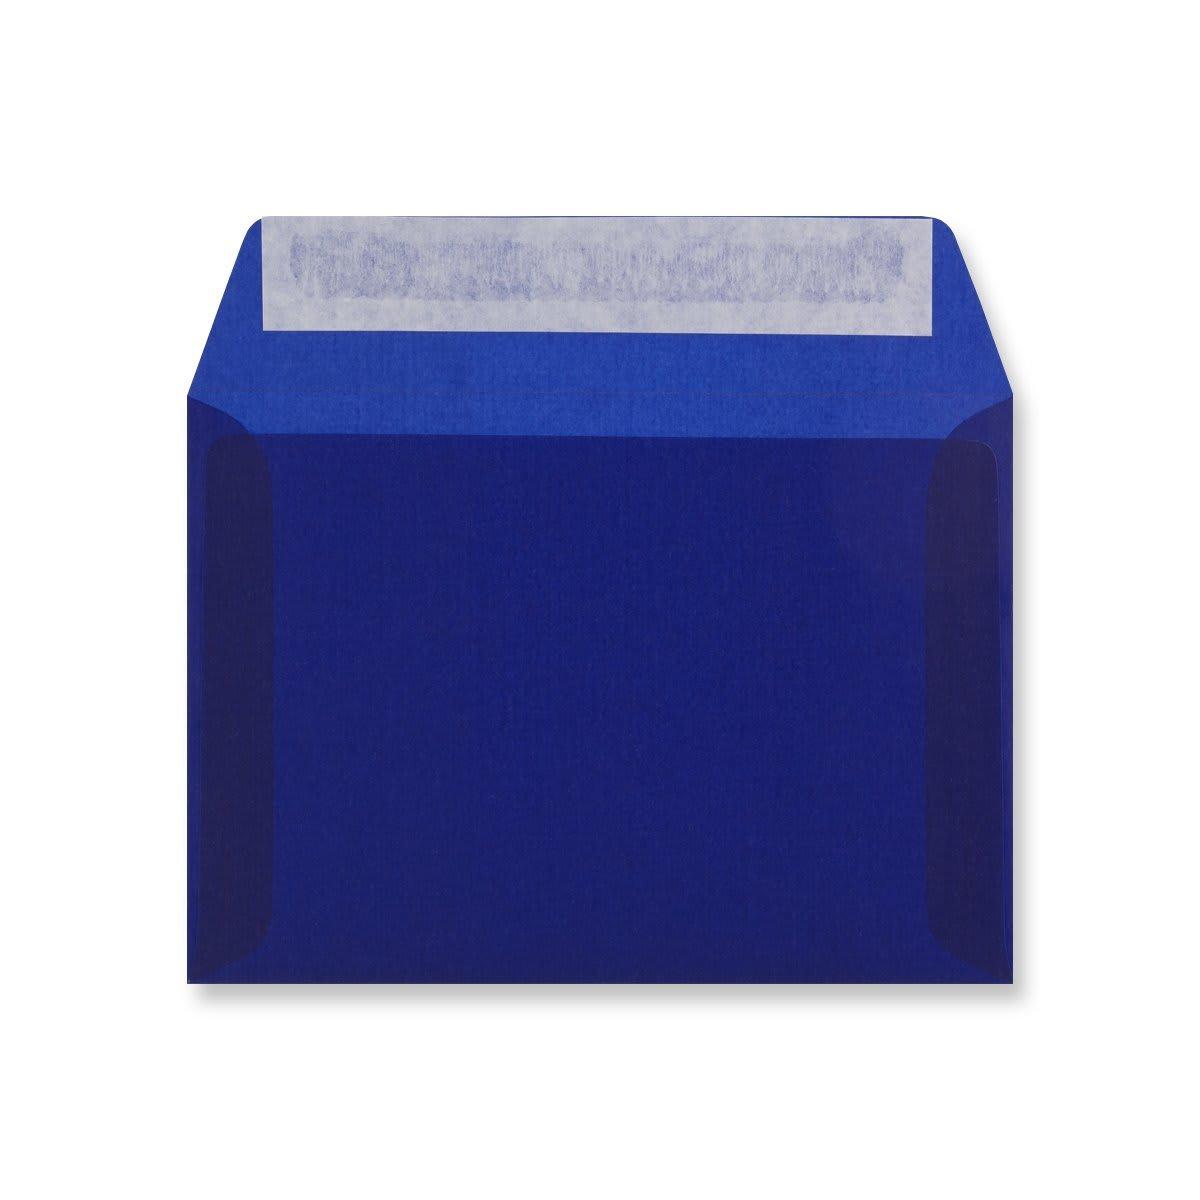 C6 DARK BLUE TRANSLUCENT ENVELOPES